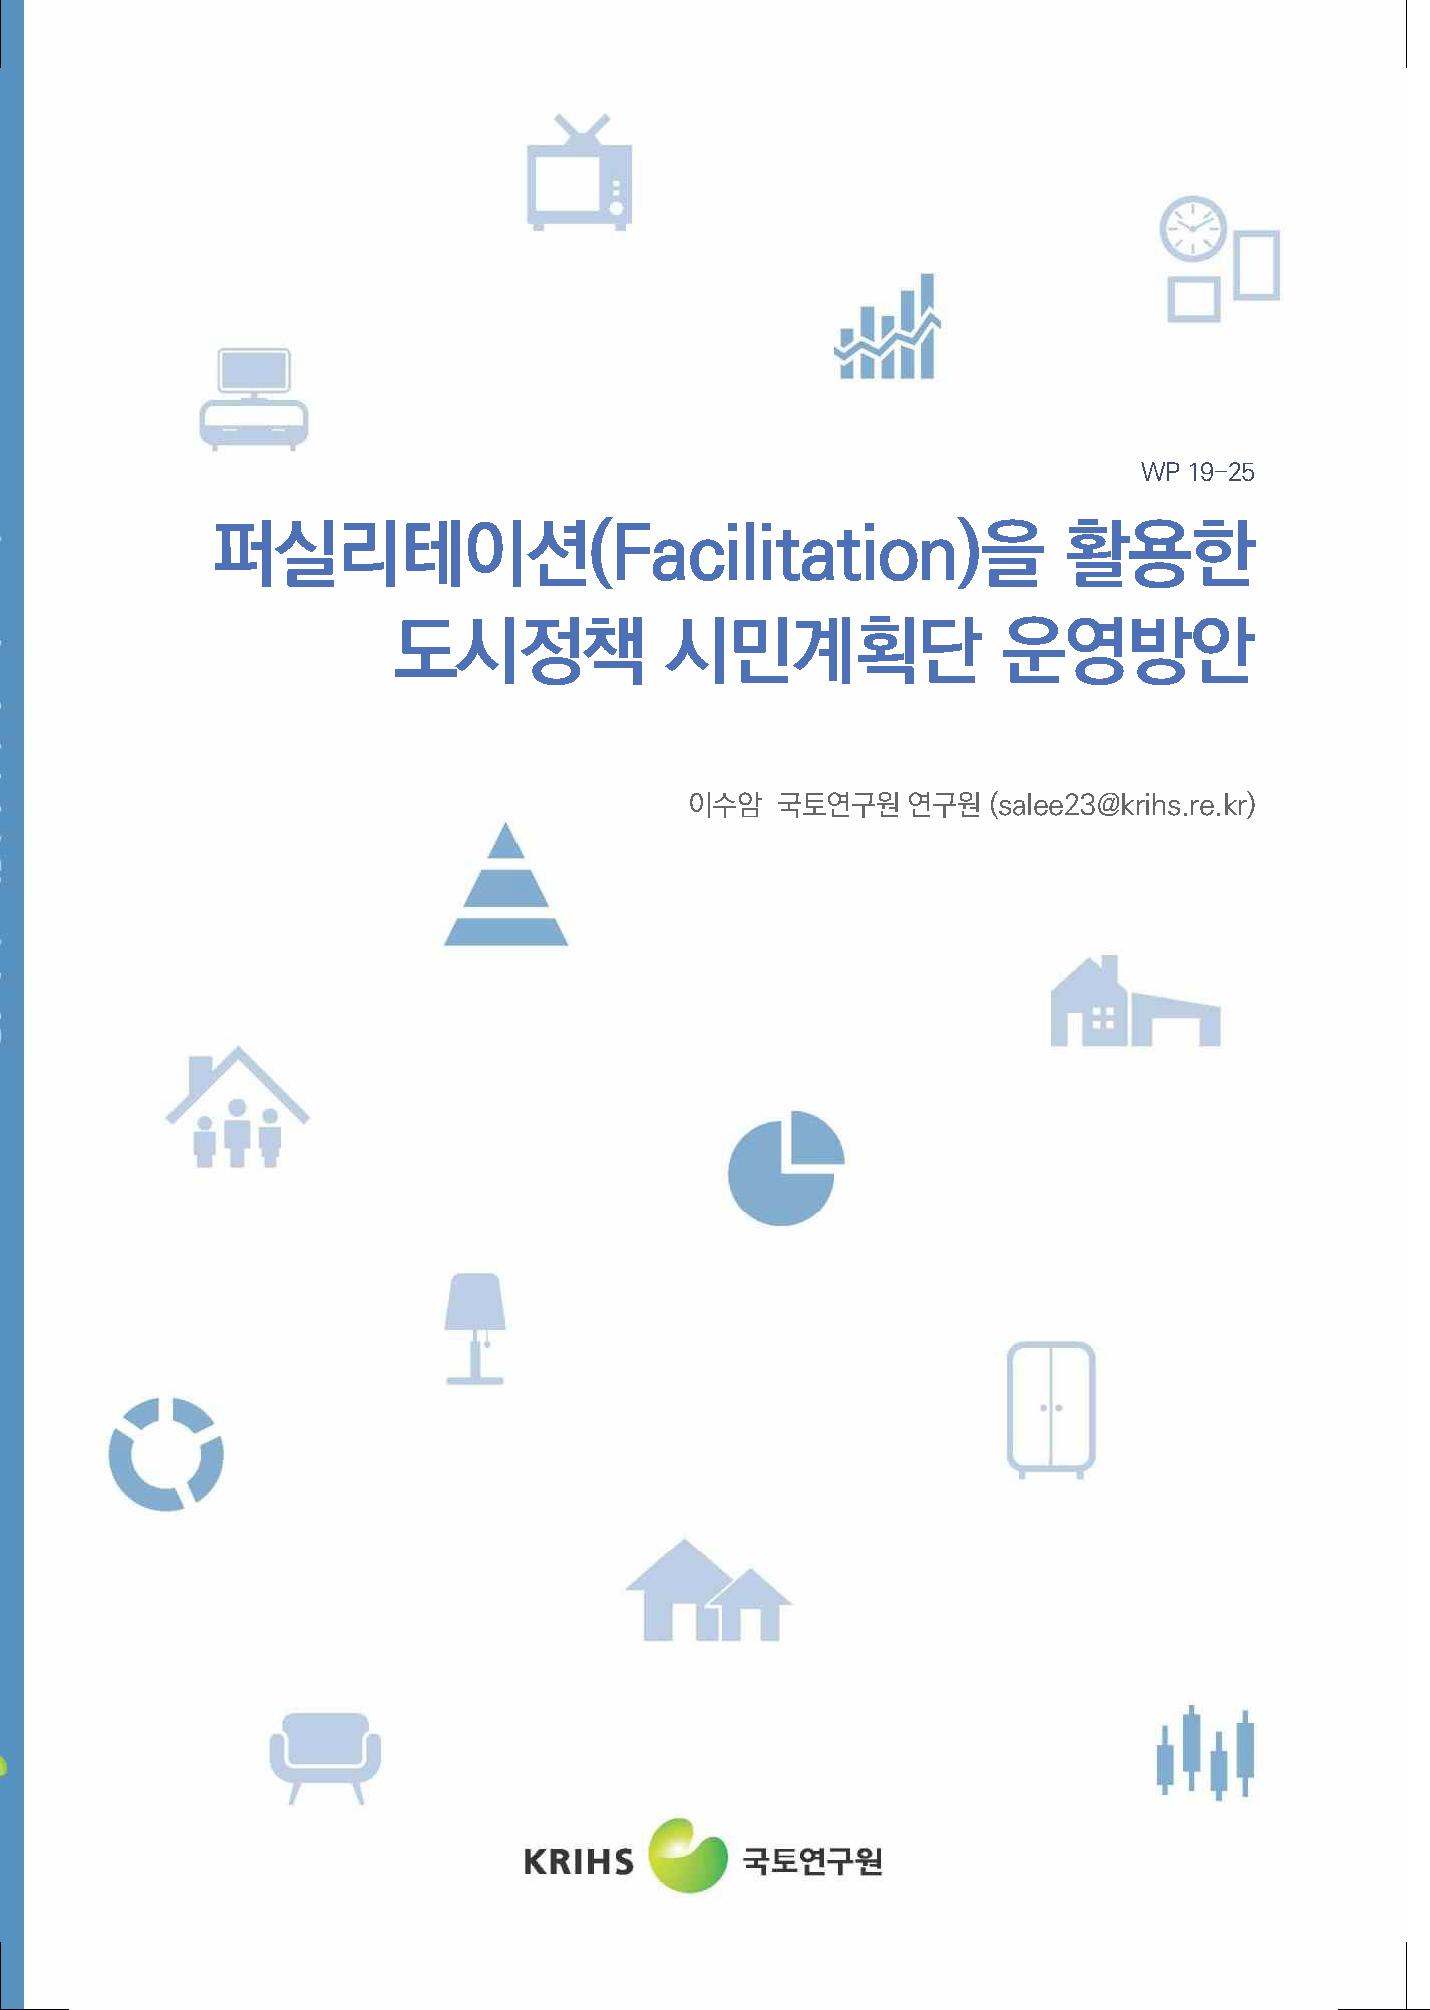 퍼실리테이션(Facilitation)을 활용한 도시정책 시민계획단 운영방안